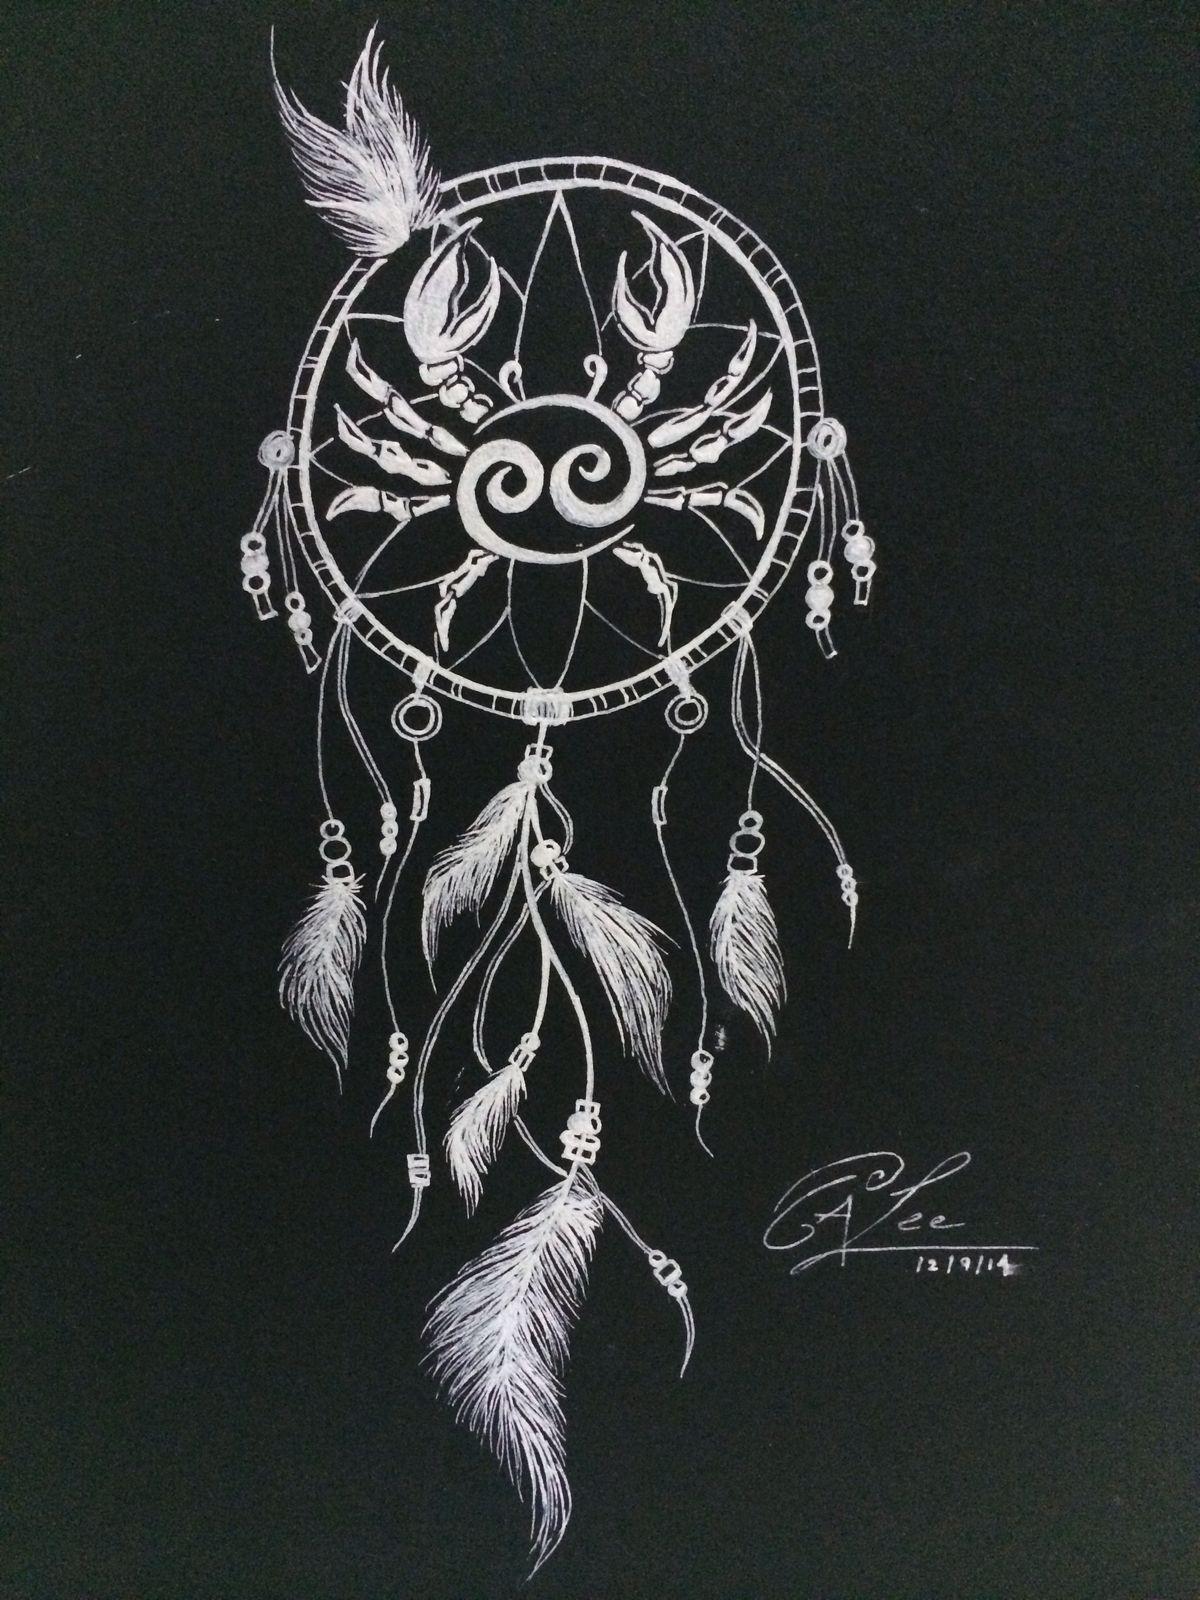 59132f61dd6e5e3c8a57ae1d8cbb3314 Jpg 1 200 1 600 Pixels Cancer Sign Tattoos Horoscope Tattoos Cancer Zodiac Tattoo